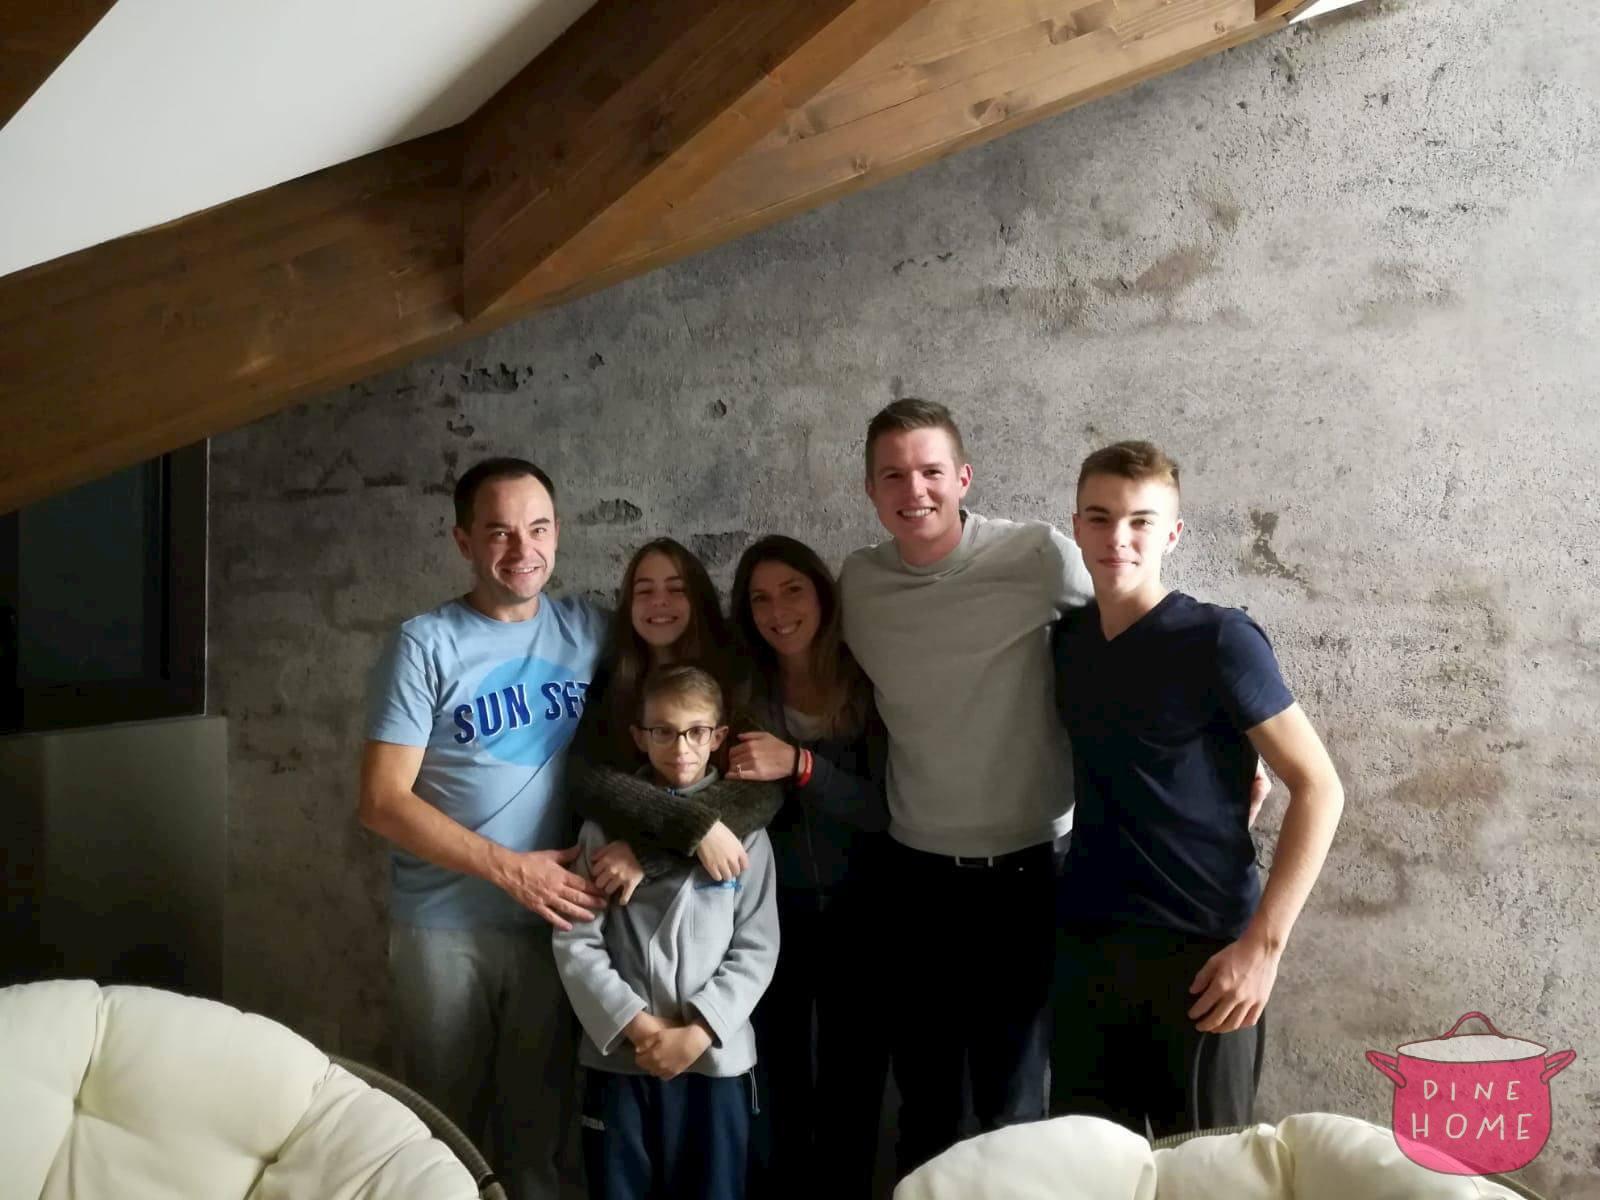 Jon, studente dalla Norvegia, a cena dalla sua famiglia Dinehome.